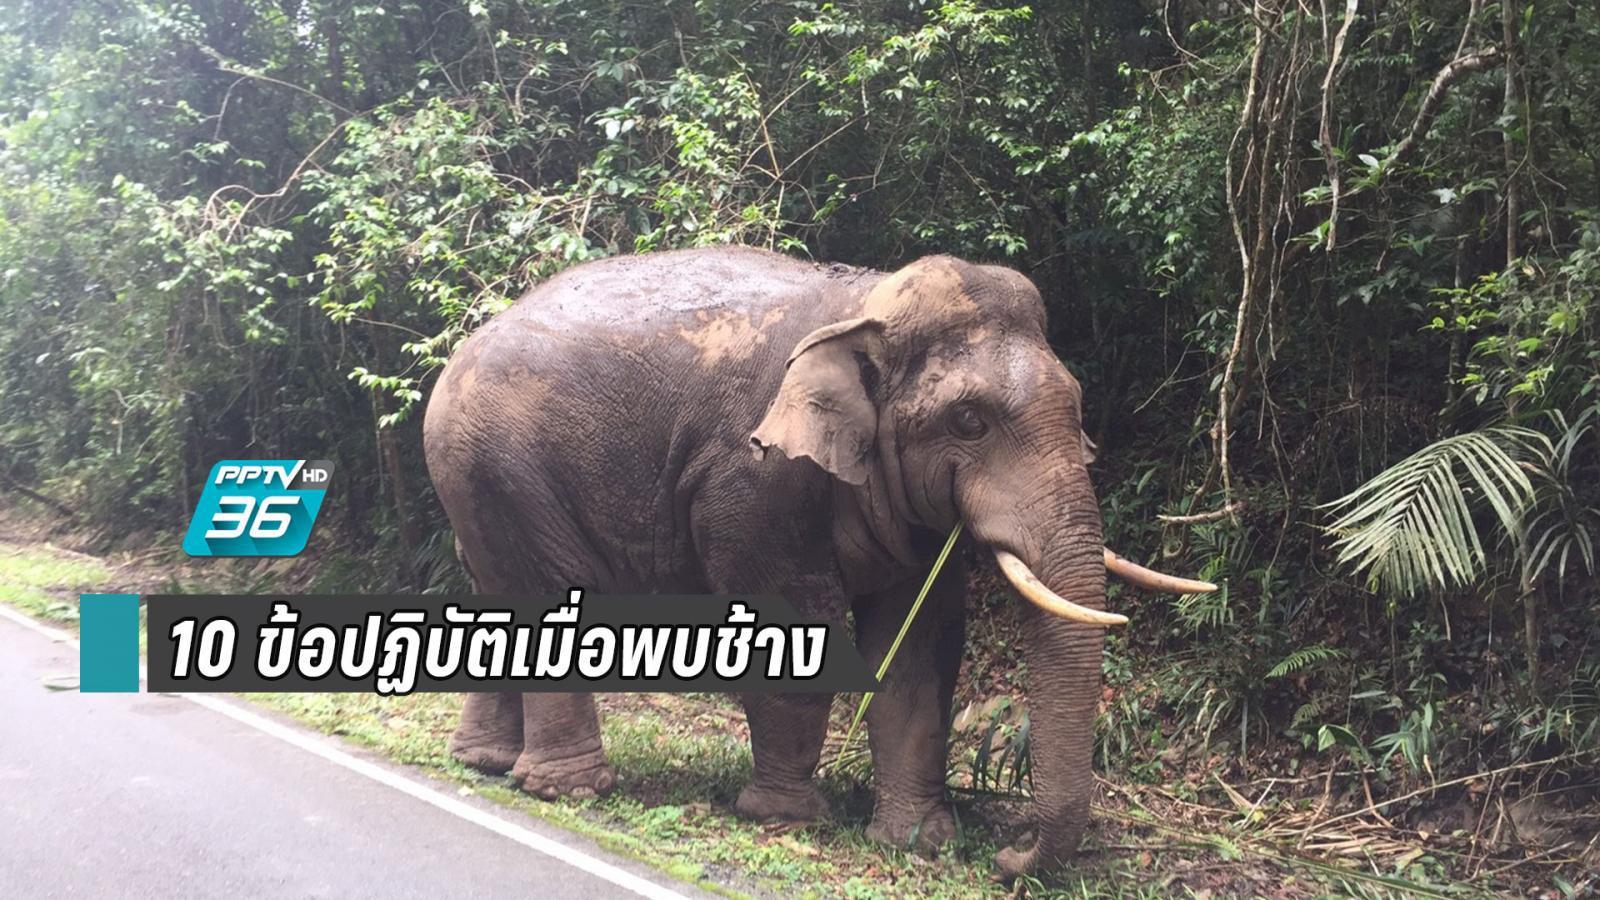 """""""เที่ยวเขาใหญ่รับลมหนาว"""" แนะ 10 ข้อควรปฏิบัติเมื่อพบช้างป่า อวดโฉมบนถนน"""